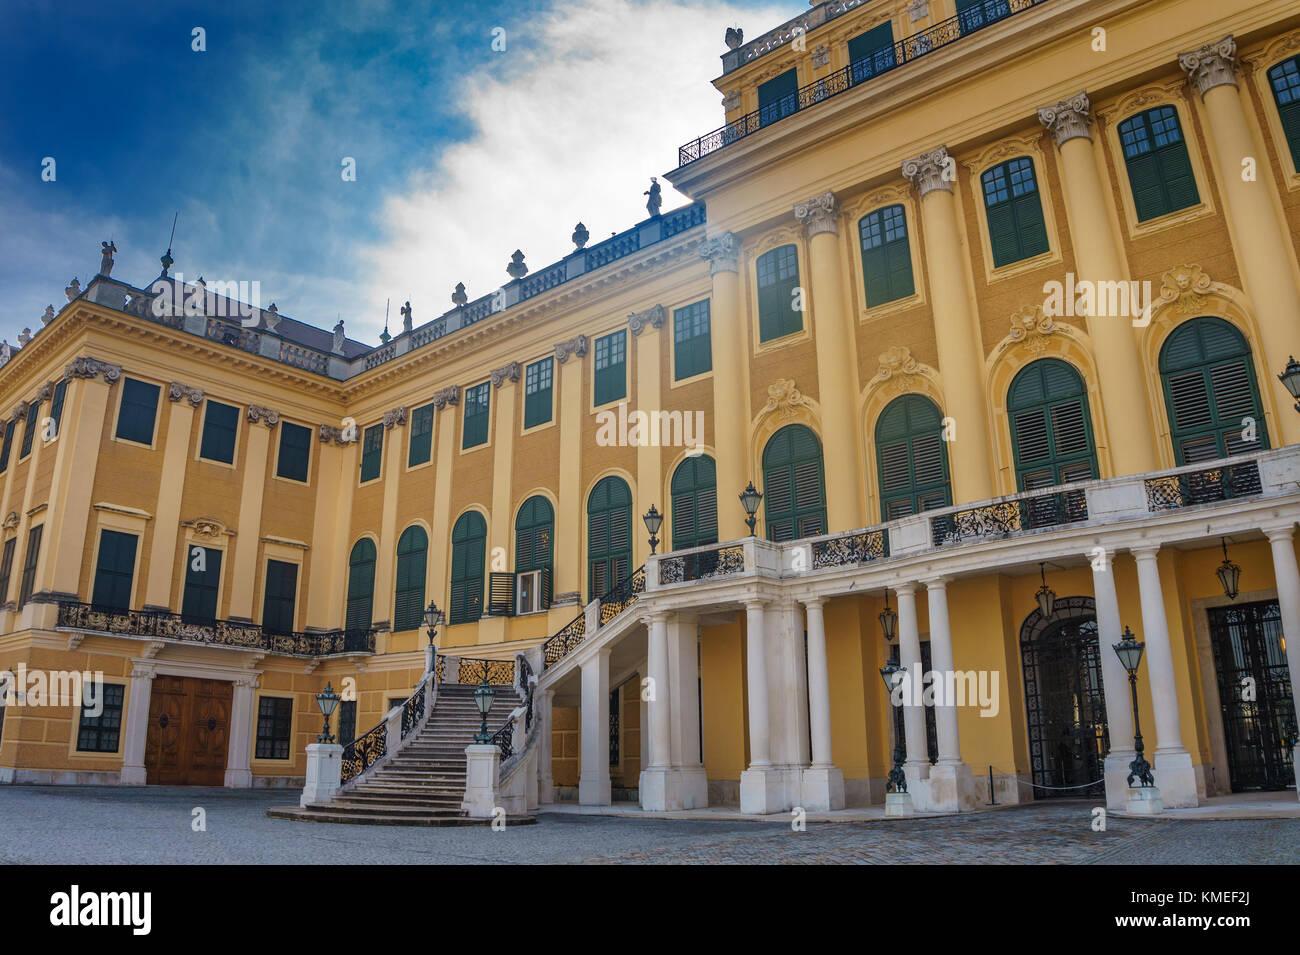 Das berühmte Schloss Schönbrunn, Wien, Österreich, Europa. Stockbild